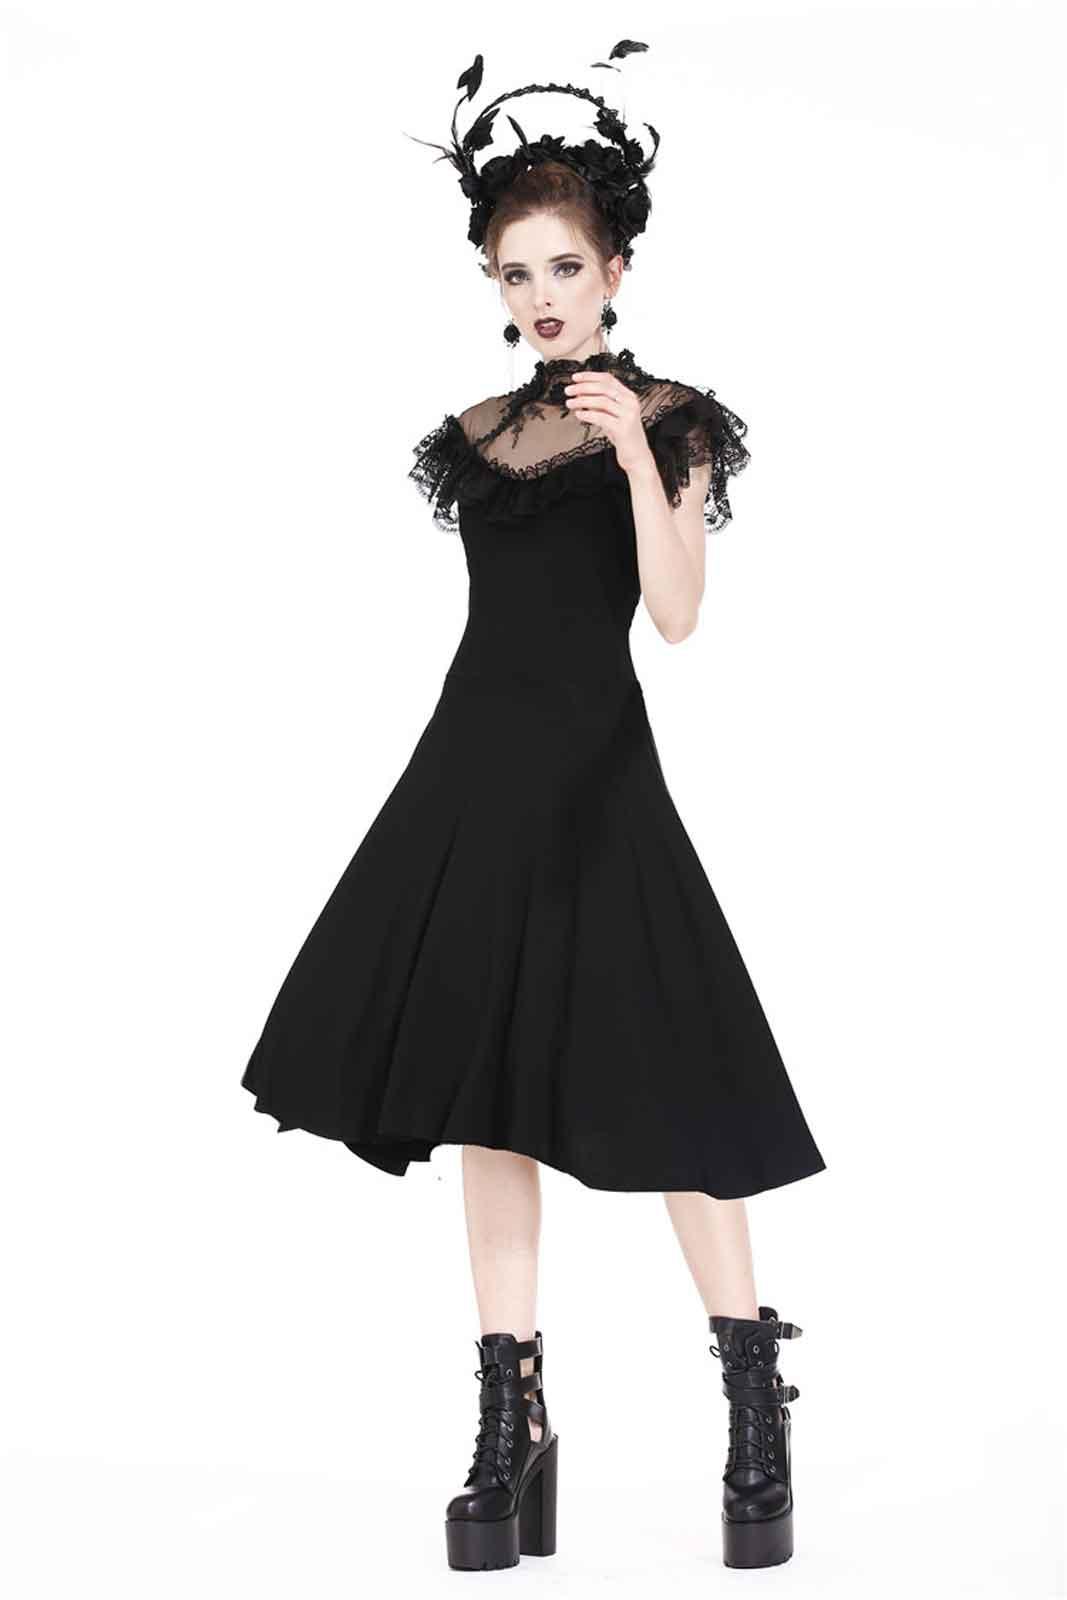 ... Detailbild zu DARK IN LOVE Gothic Rose Kleid ... 9b21b536e3